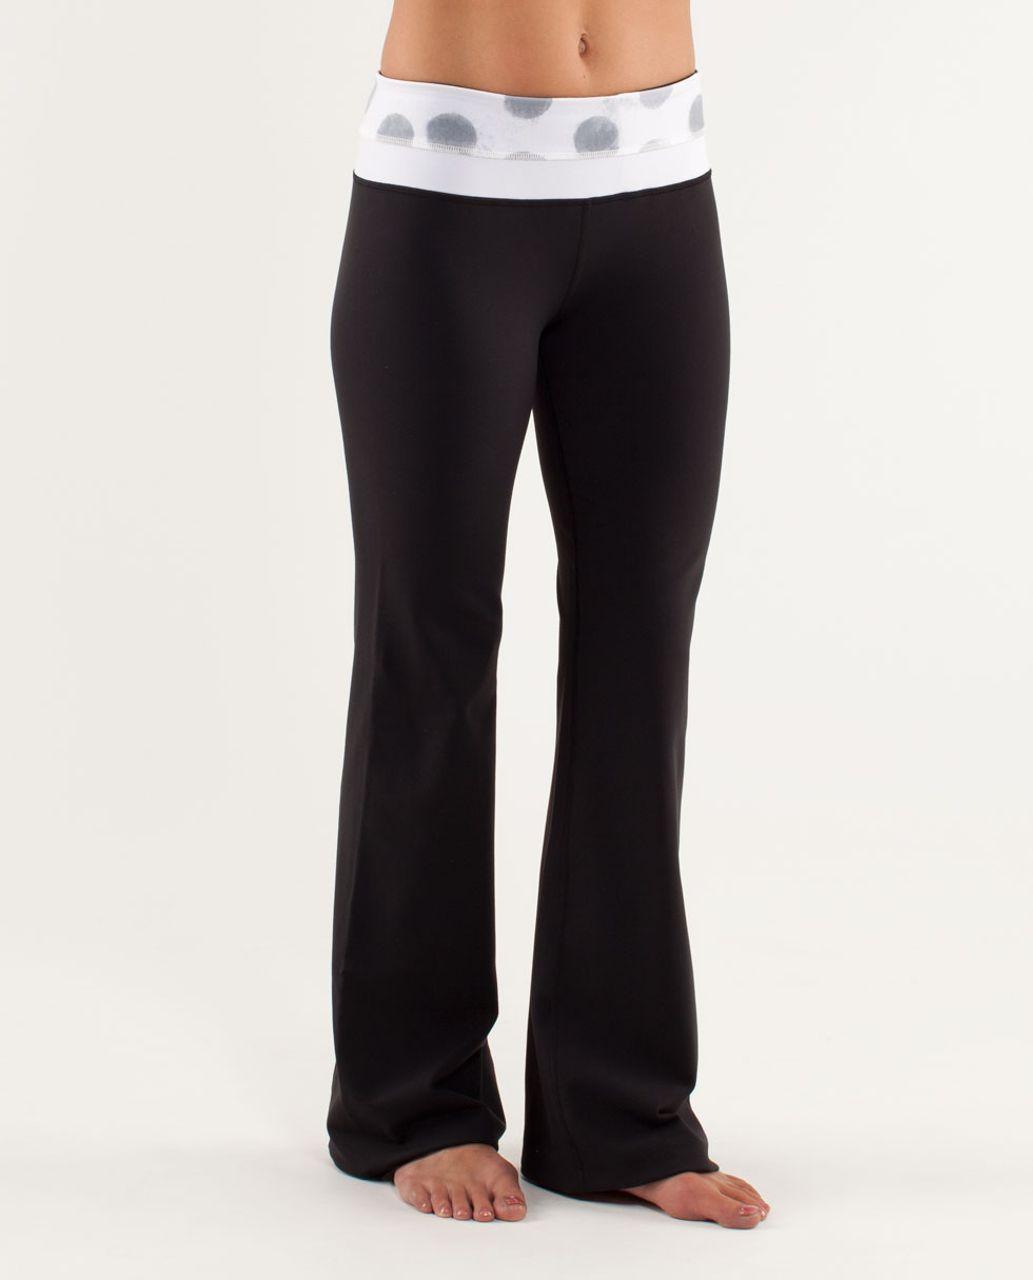 Lululemon Groove Pant (Regular) - Black / Seaside Dot White / Fossil / White